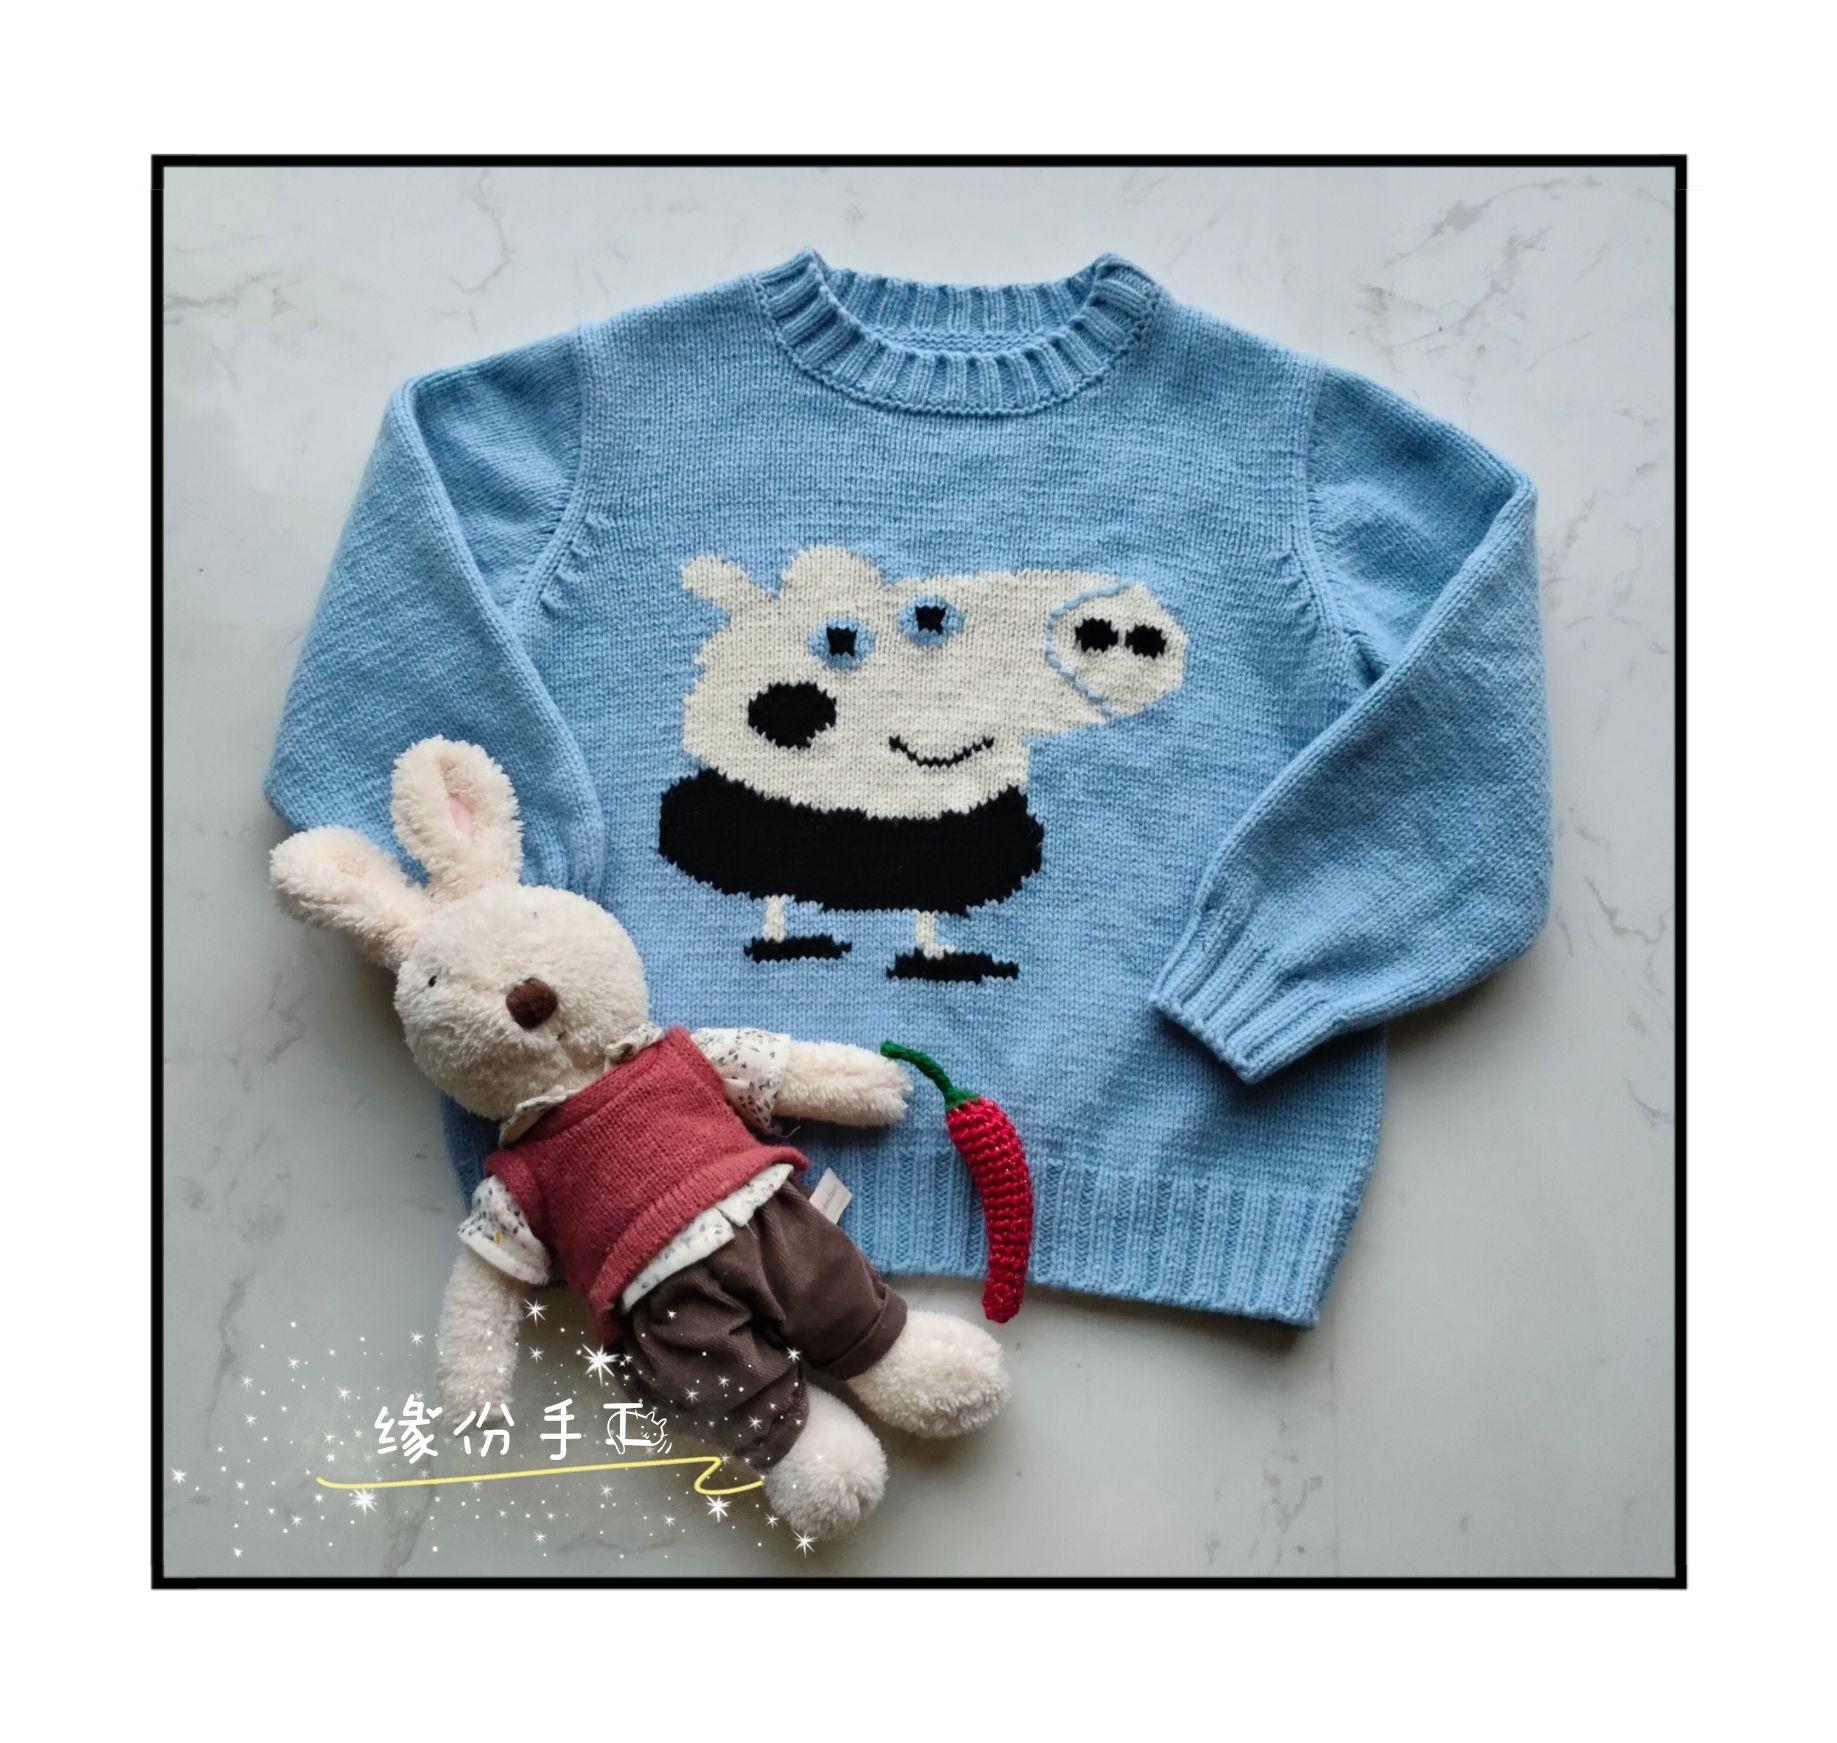 棒针儿童卡通毛衣